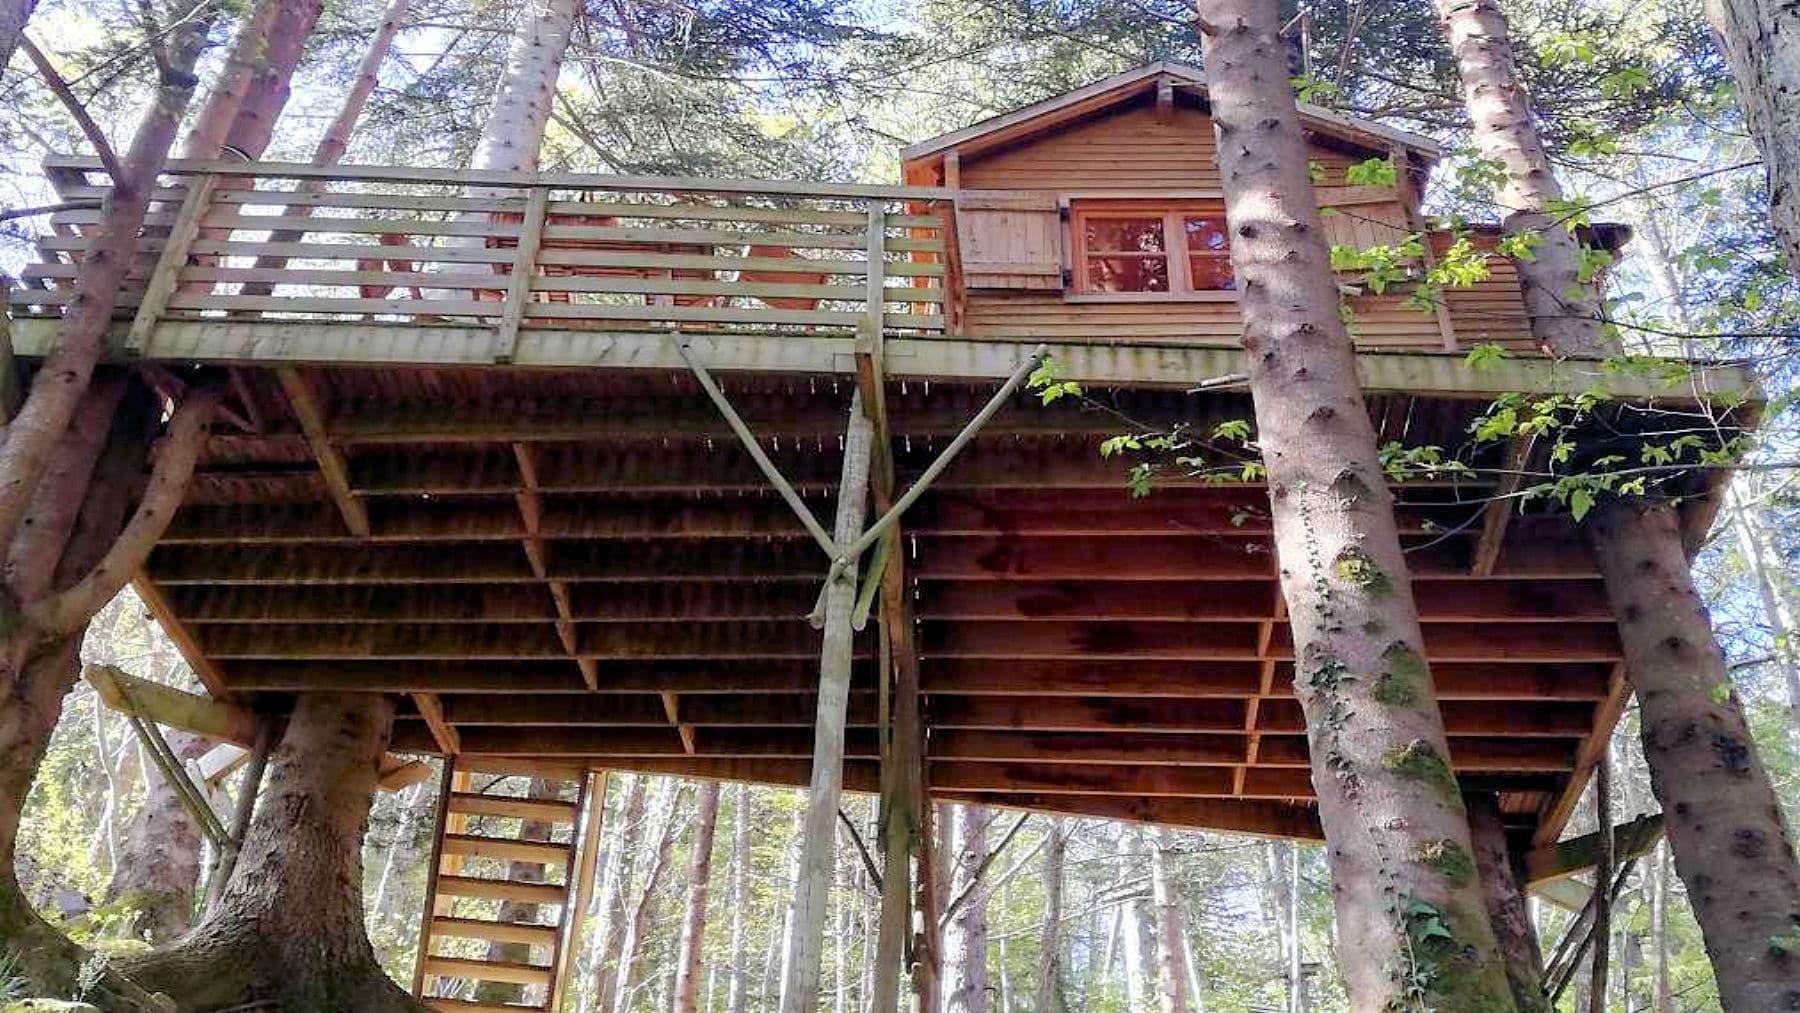 Cabane perchée dans les arbres - Hebergements Insolites - Domaine Oz'Arbres